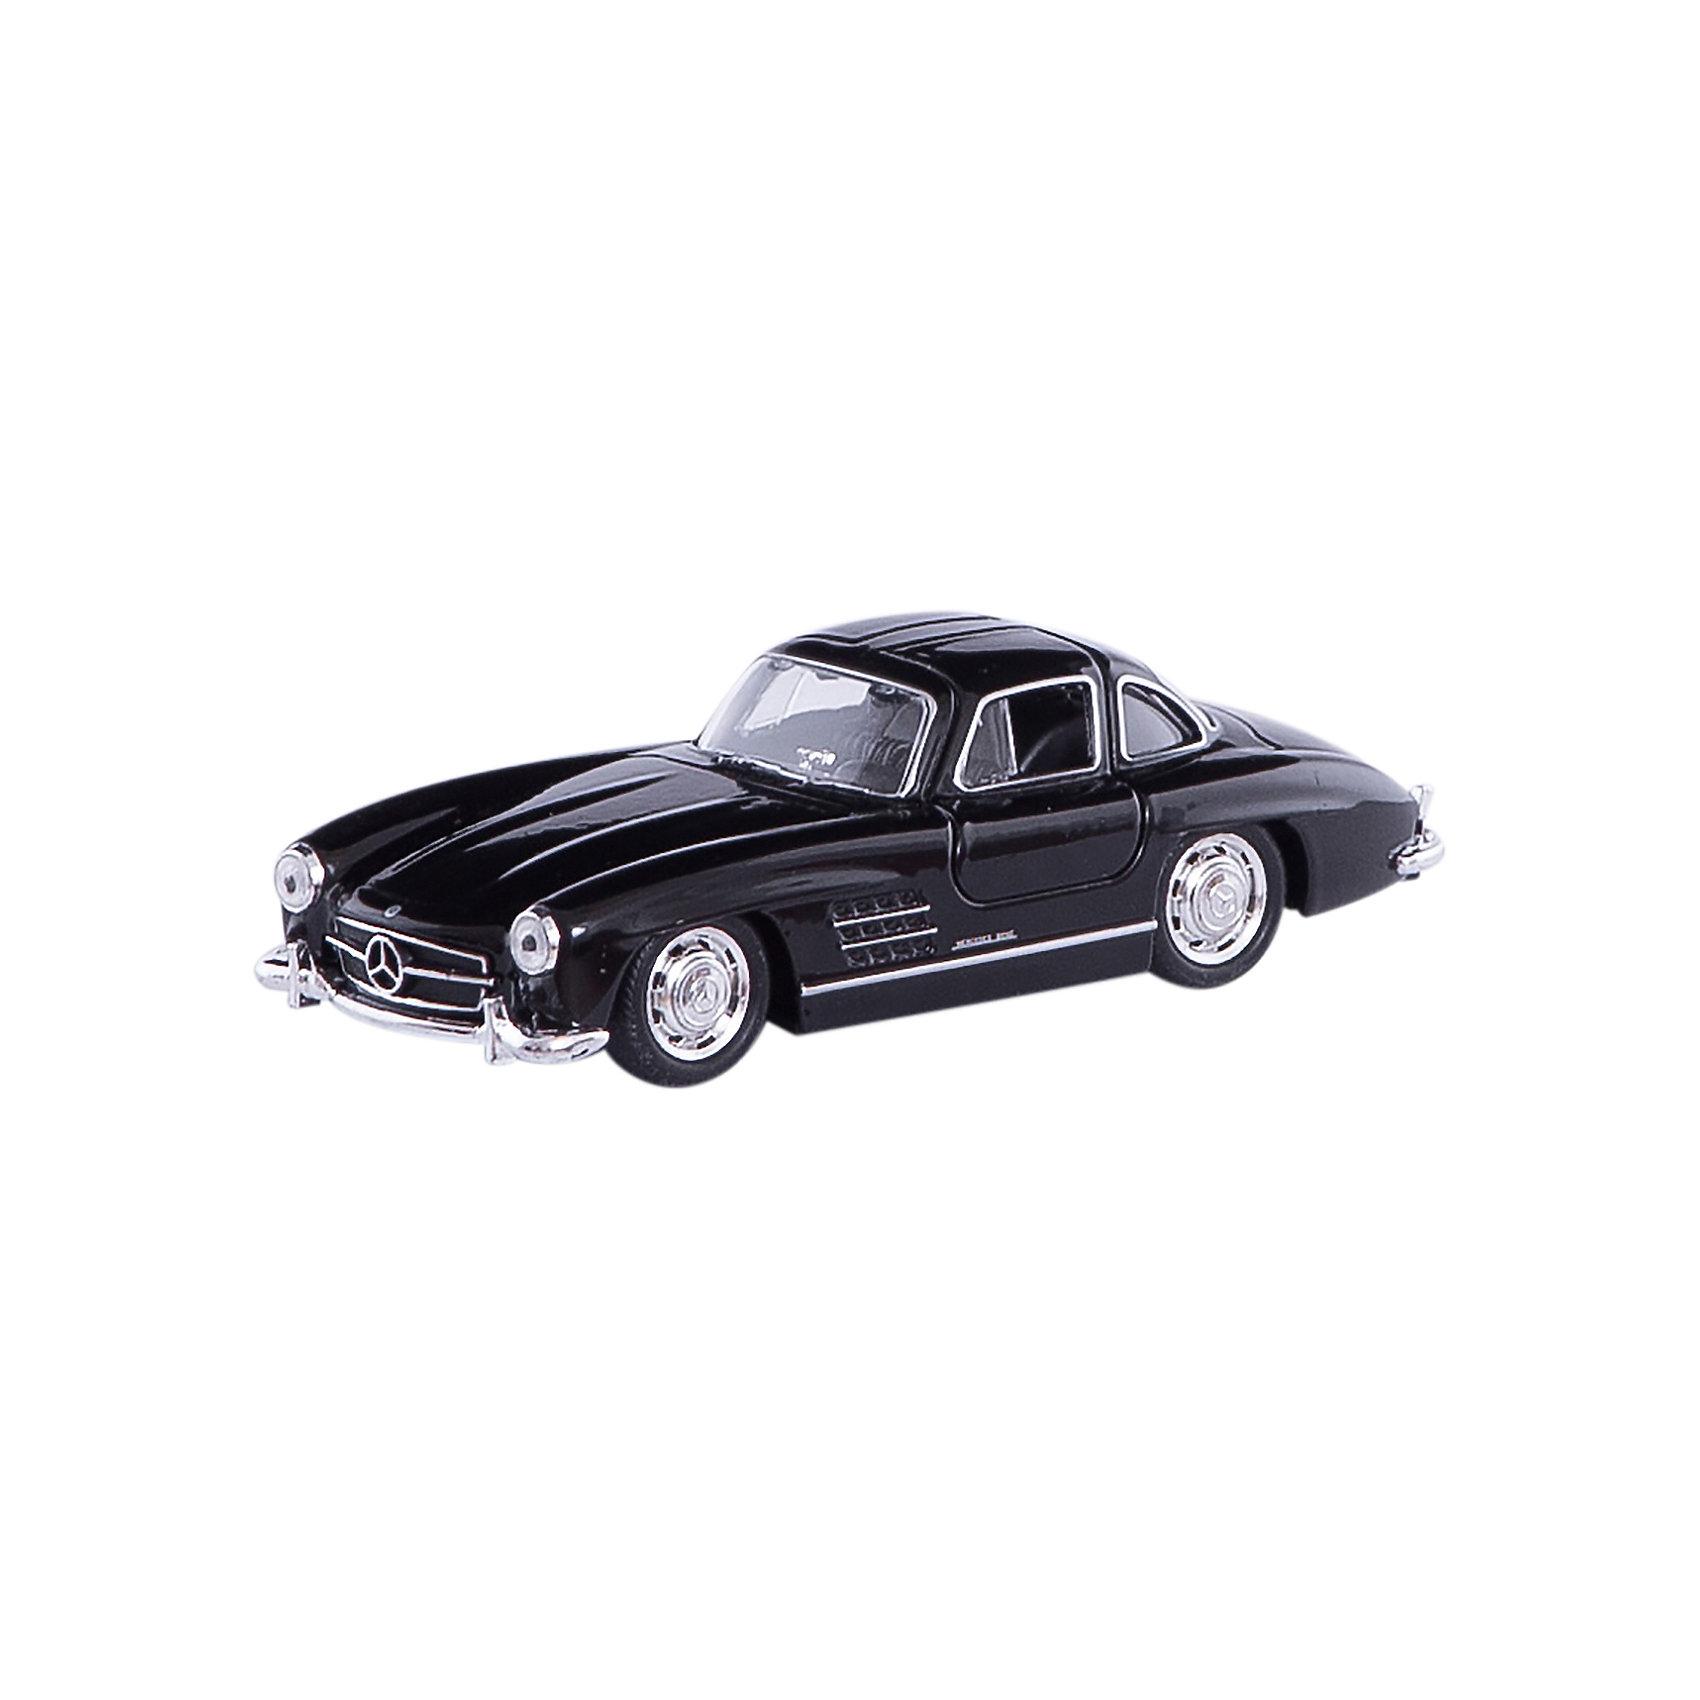 Модель винтажной машины 1:34-39 Mercedes-Benz 300SL, WellyКоллекционные модели<br>Коллекционная модель винтажной машины Welly 1:34-39 Mercedes-Benz 300SL. Функции: открываются передние двери, инерционный механизм.<br>Цвет кузова автомобиля представлен в ассортименте. Выбрать определенный цвет заранее не представляется возможным.<br><br>Ширина мм: 60<br>Глубина мм: 110<br>Высота мм: 150<br>Вес г: 133<br>Возраст от месяцев: 36<br>Возраст до месяцев: 192<br>Пол: Мужской<br>Возраст: Детский<br>SKU: 4966539